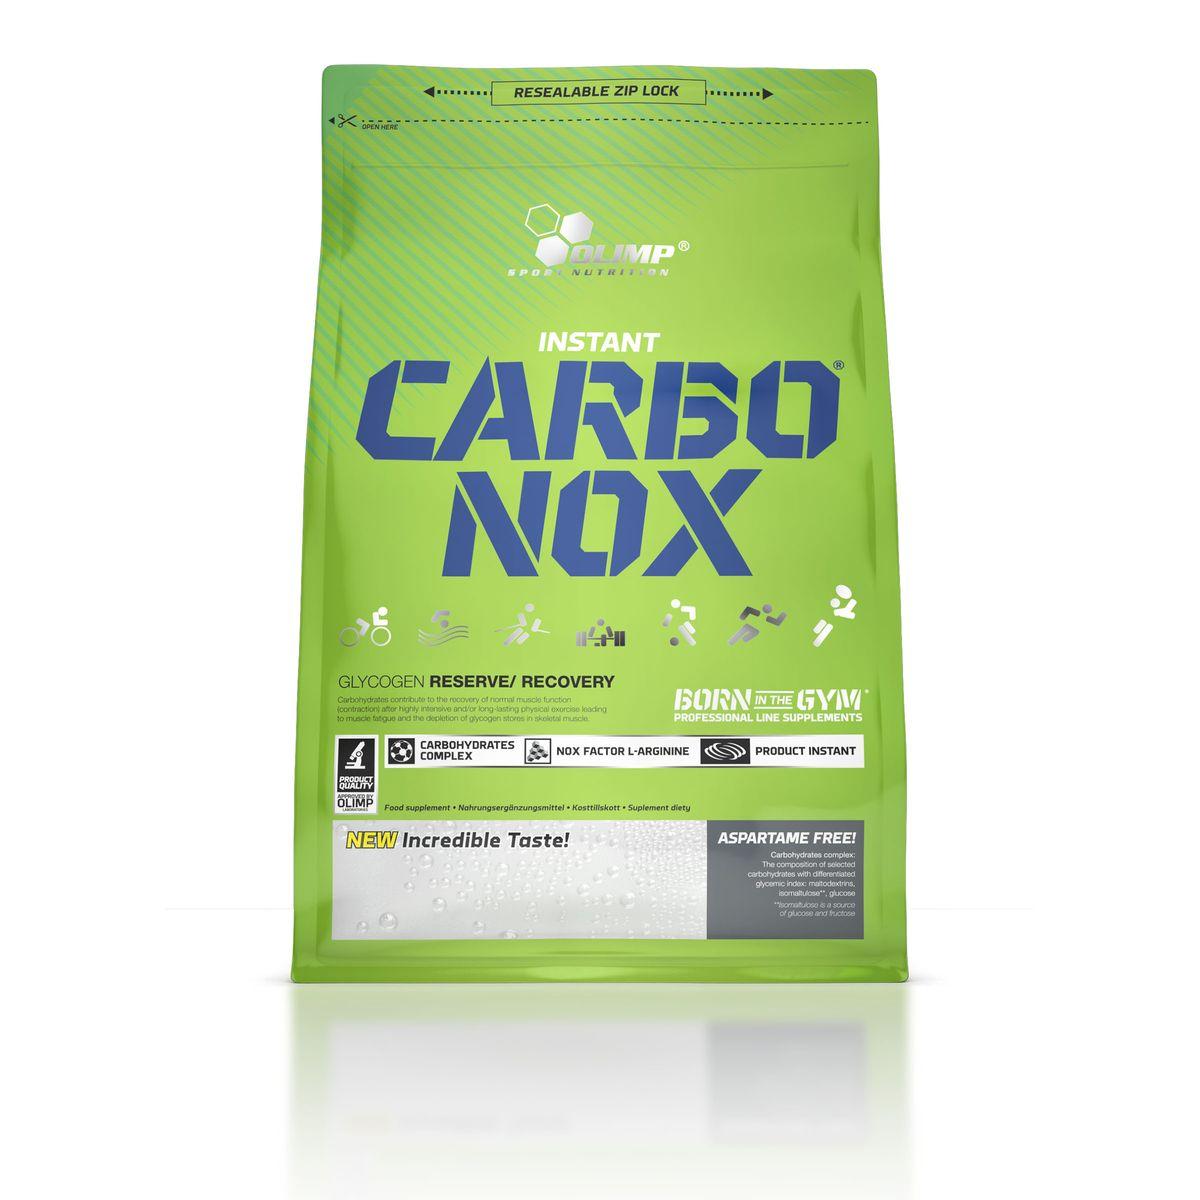 Энергетический напиток Olimp Sport Nutrition Carbo Nox, лимон, 1 кгO27611Olimp Sport Nutrition Carbo Nox - это напиток, способный быстро поставить энергию спортсмену! Он содержит углеводы различной длины цепи, что способствует равномерному усвоению и обеспечивает организм топливом на длительный промежуток времени. Это не просто энергетик. Он несет в себе именно те минералы, которые атлет теряет с потом во время тренировок. Olimp Sport Nutrition Carbo Nox также содержит витамины, особенно важные при интенсивных нагрузках.Рекомендации по применению: пейте 2-4 порции до и во время тренировки для обеспечения организма энергией и влагой, после тренировки для восстановления энергетических запасов.Рекомендации по приготовлению: 50 г - 90 единиц измерения мерной ложки или 5 без горки столовых ложек на 500 мл воды. Ингредиенты: мальтодекстрины, глюкоза, изомалтулоза, L-аргинин гидрохлорид, кислота лимонная, яблочная кислота, минеральные компоненты, ароматизаторы, витамины, подсластители, сукралоза, краситель.Товар сертифицирован.